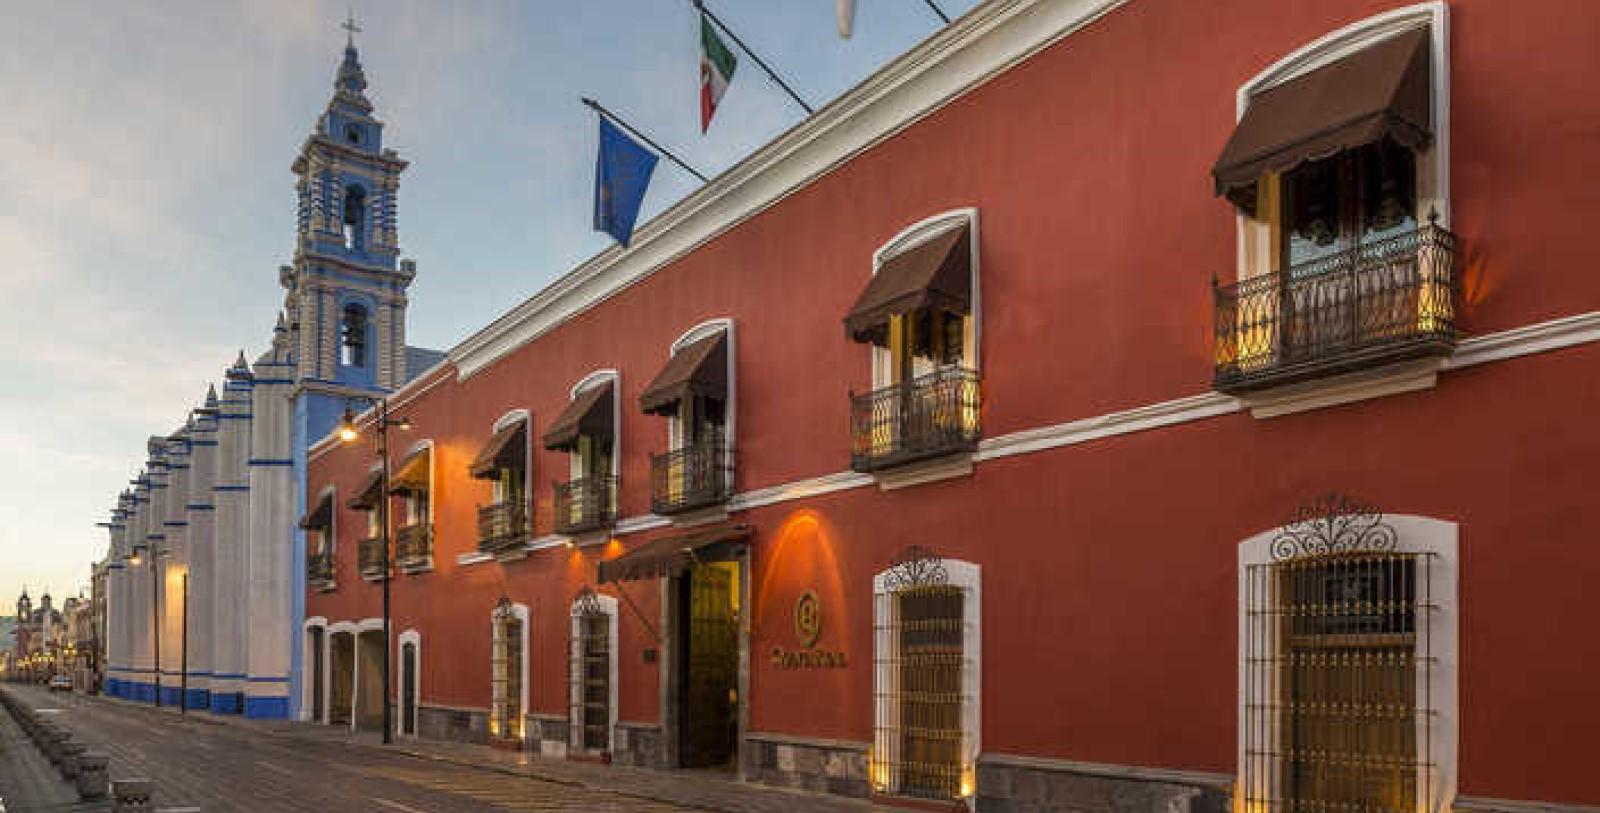 Image of Hotel Exterior Quinta Real Puebla, 1593, Member of Historic Hotels Worldwide, in Puebla de Zaragoza, Mexico, Overview